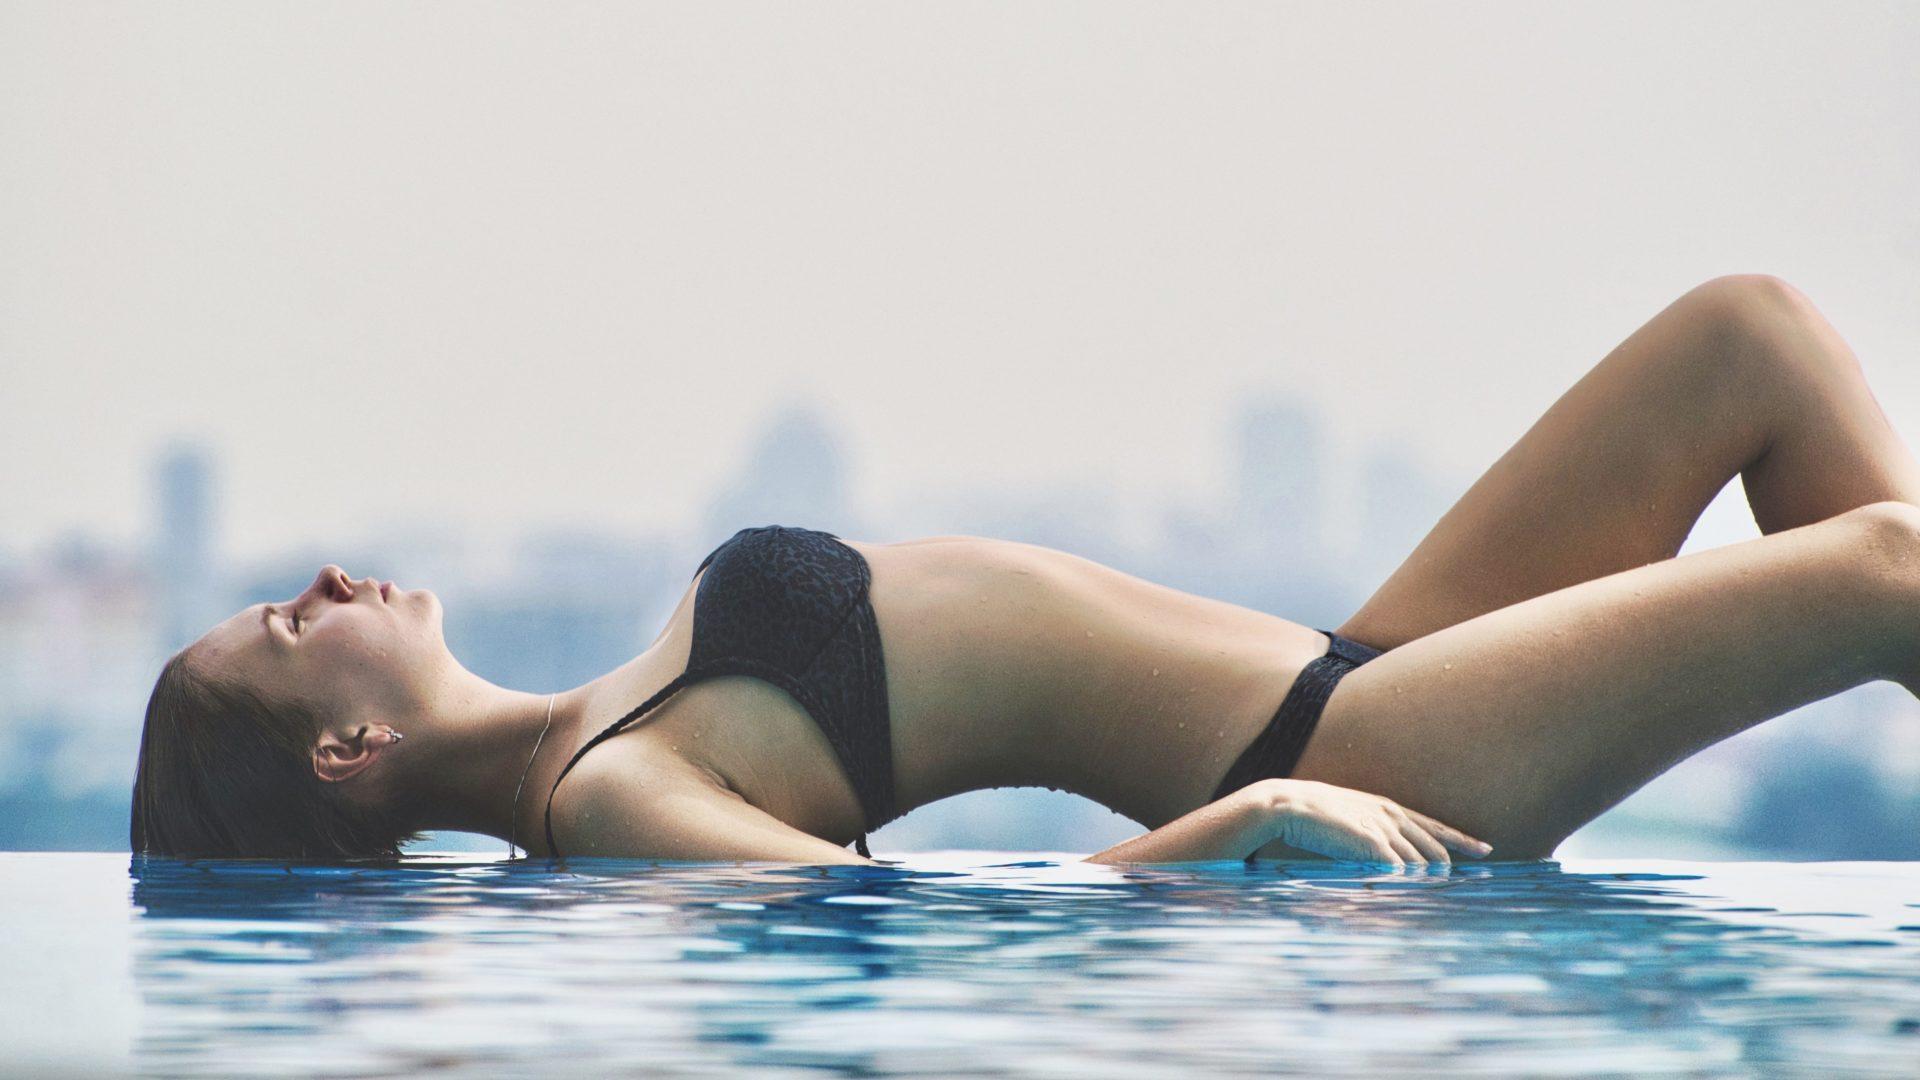 肌がキレイな水着の女性